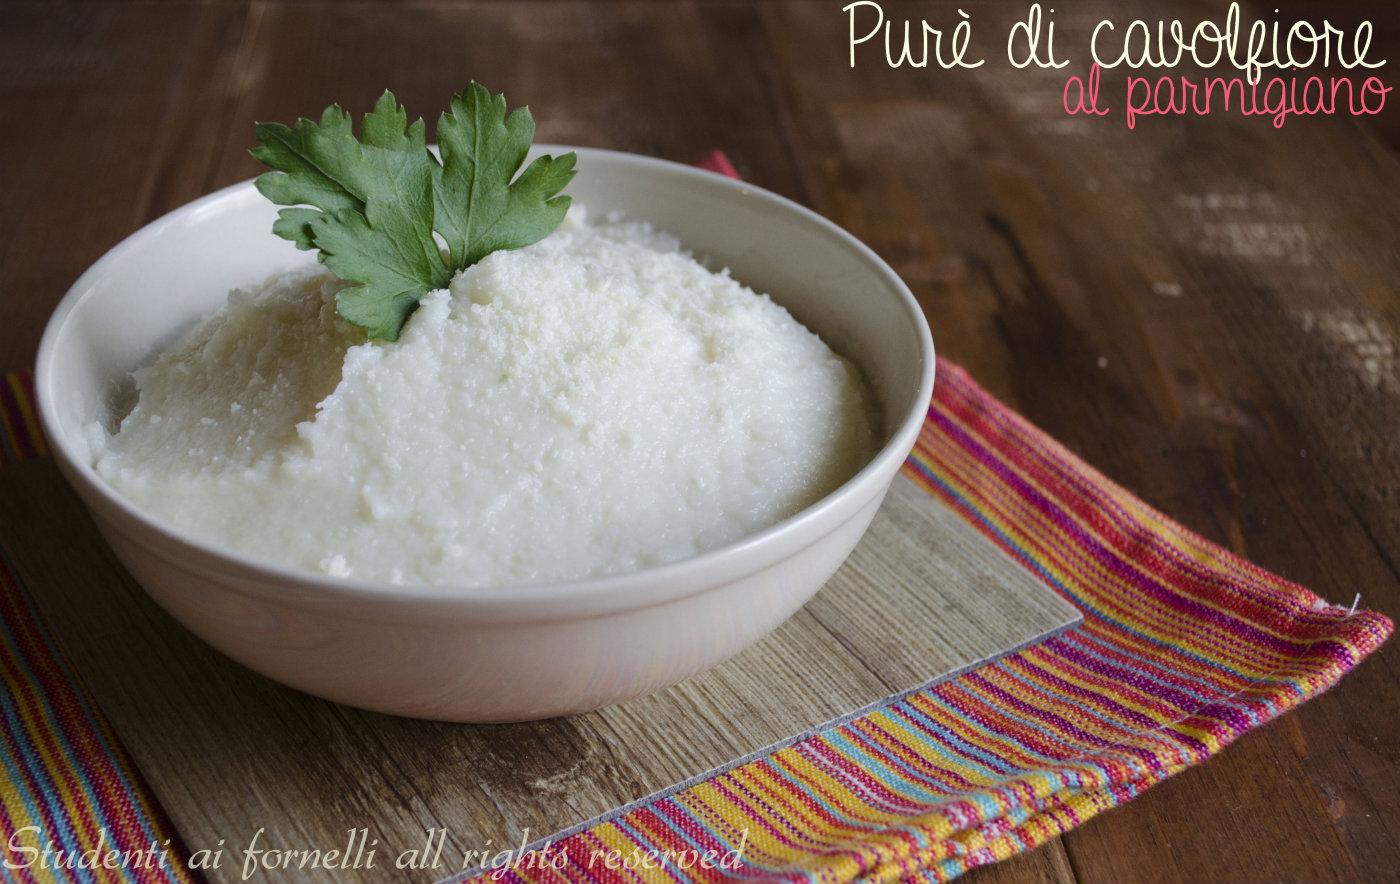 purè di cavolfiore al parmigiano ricetta contorno vegetariano facile e veloce